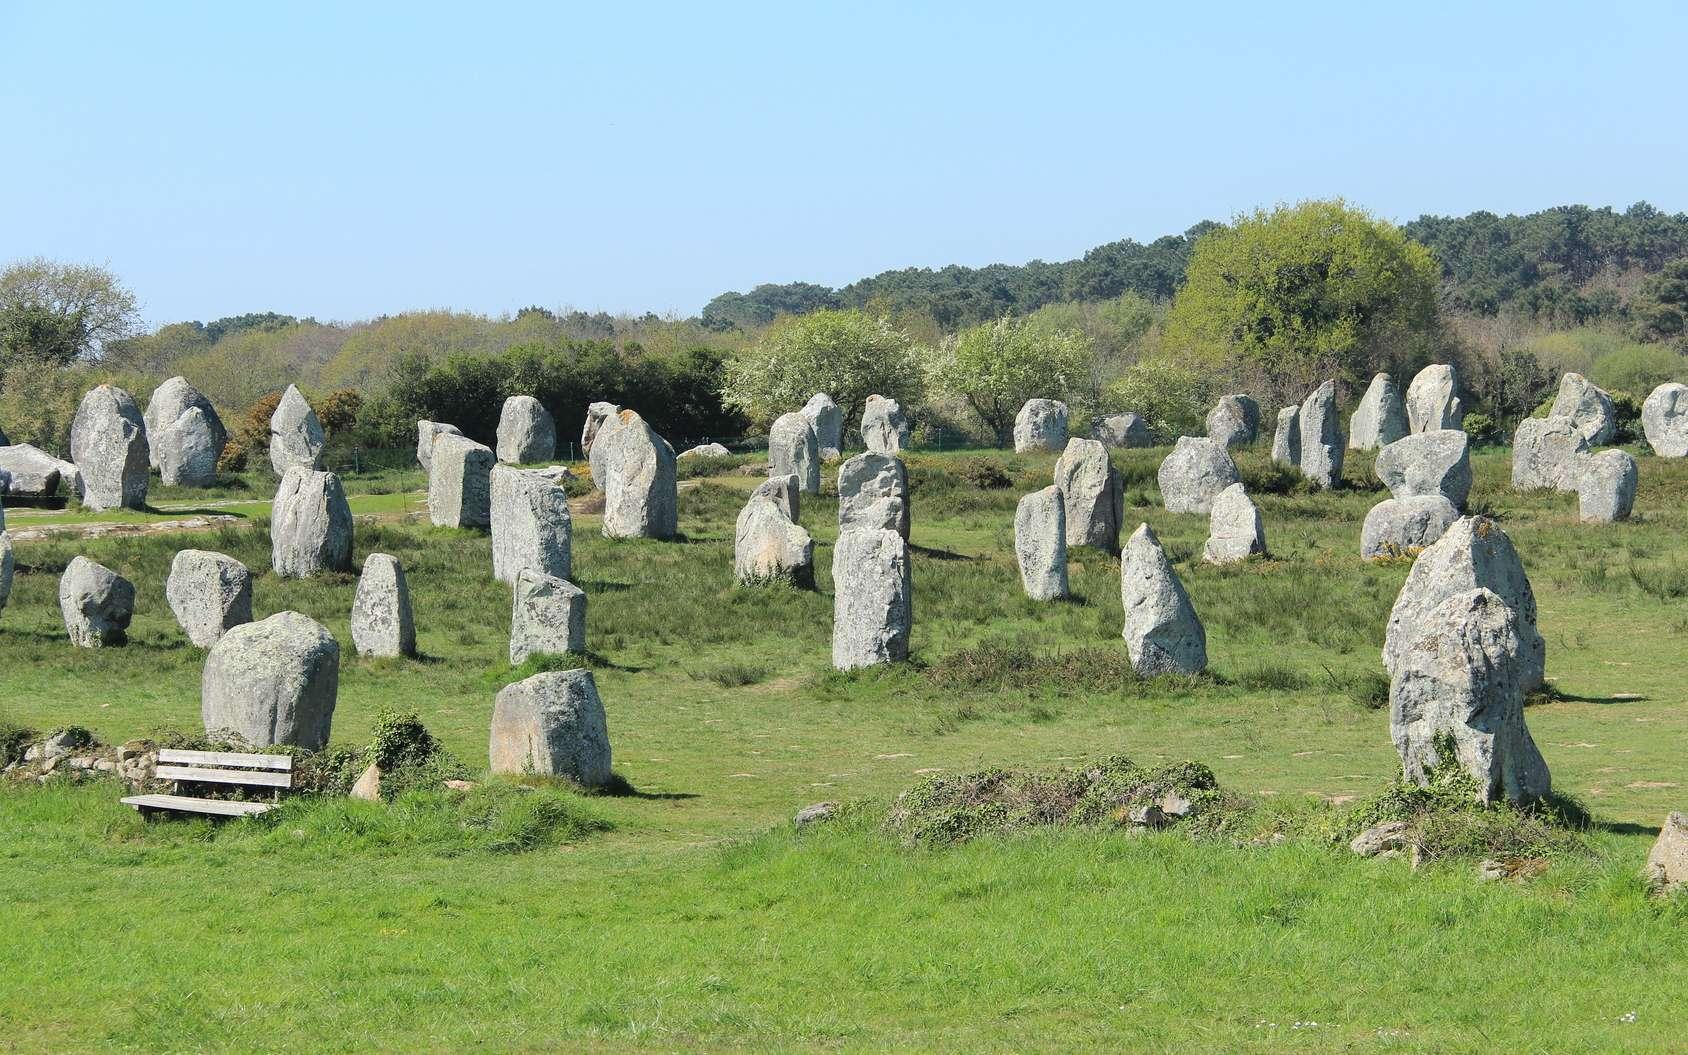 Les alignements mégalithiques de Carnac, en Bretagne. © d_e_r_i_c, fotolia